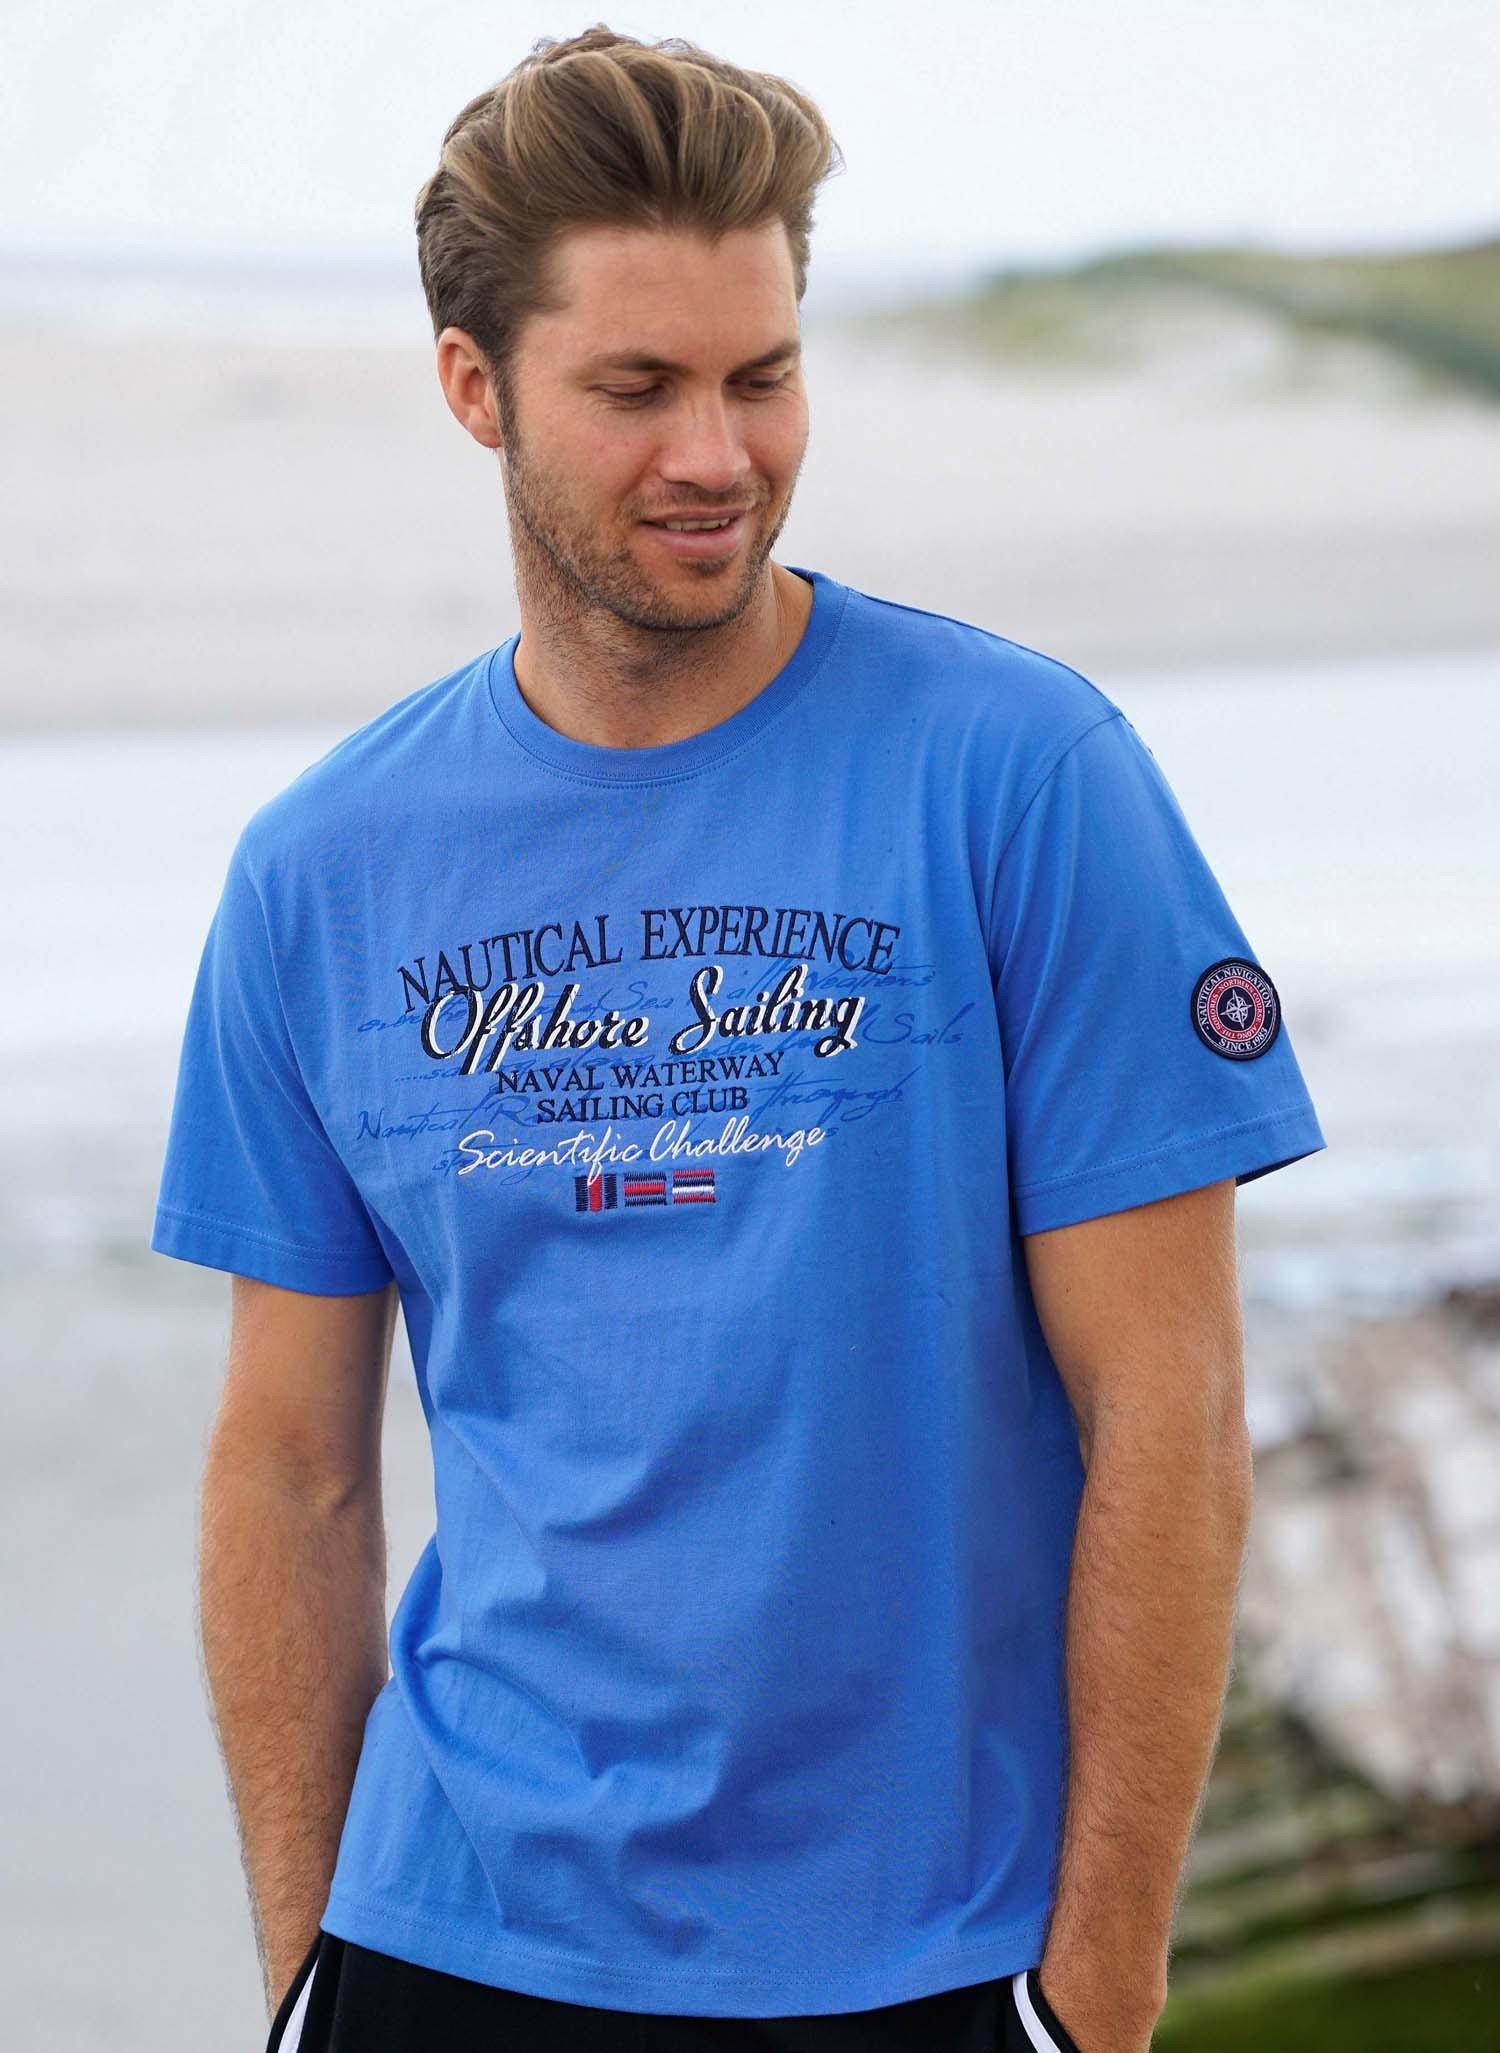 H-KA-Shirt, blau L 047 - 2 - Ronja.ch